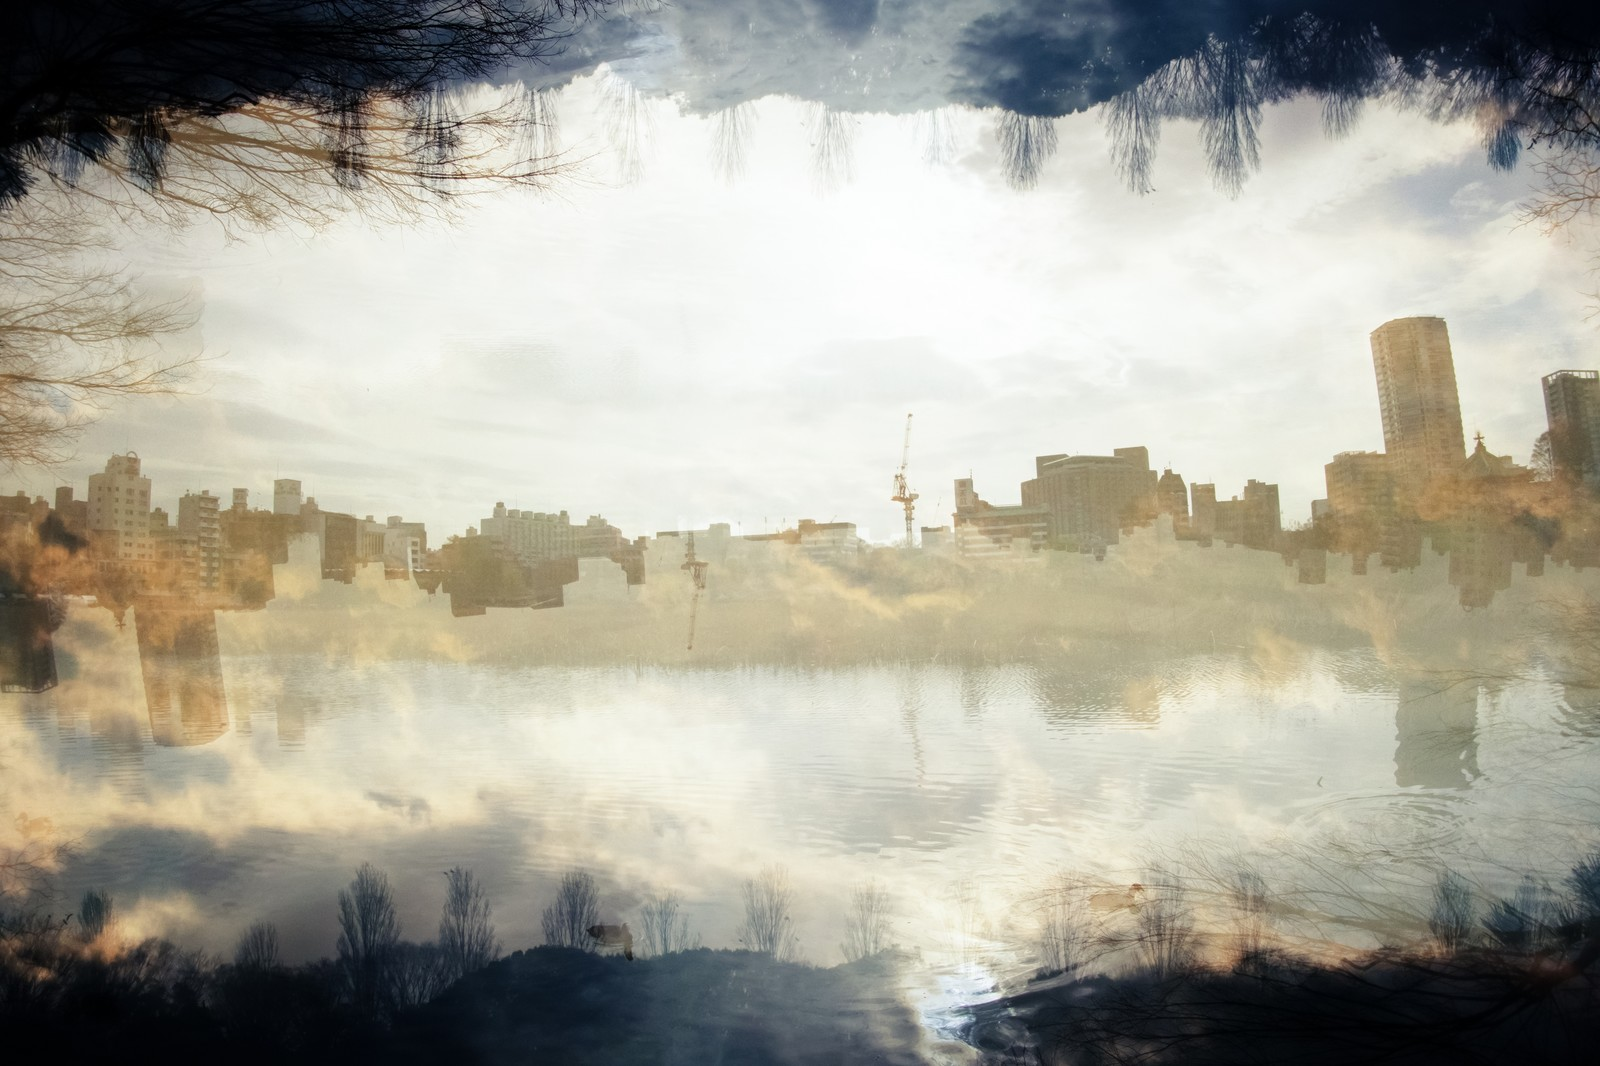 「都会の蜃気楼(フォトモンタージュ)」の写真